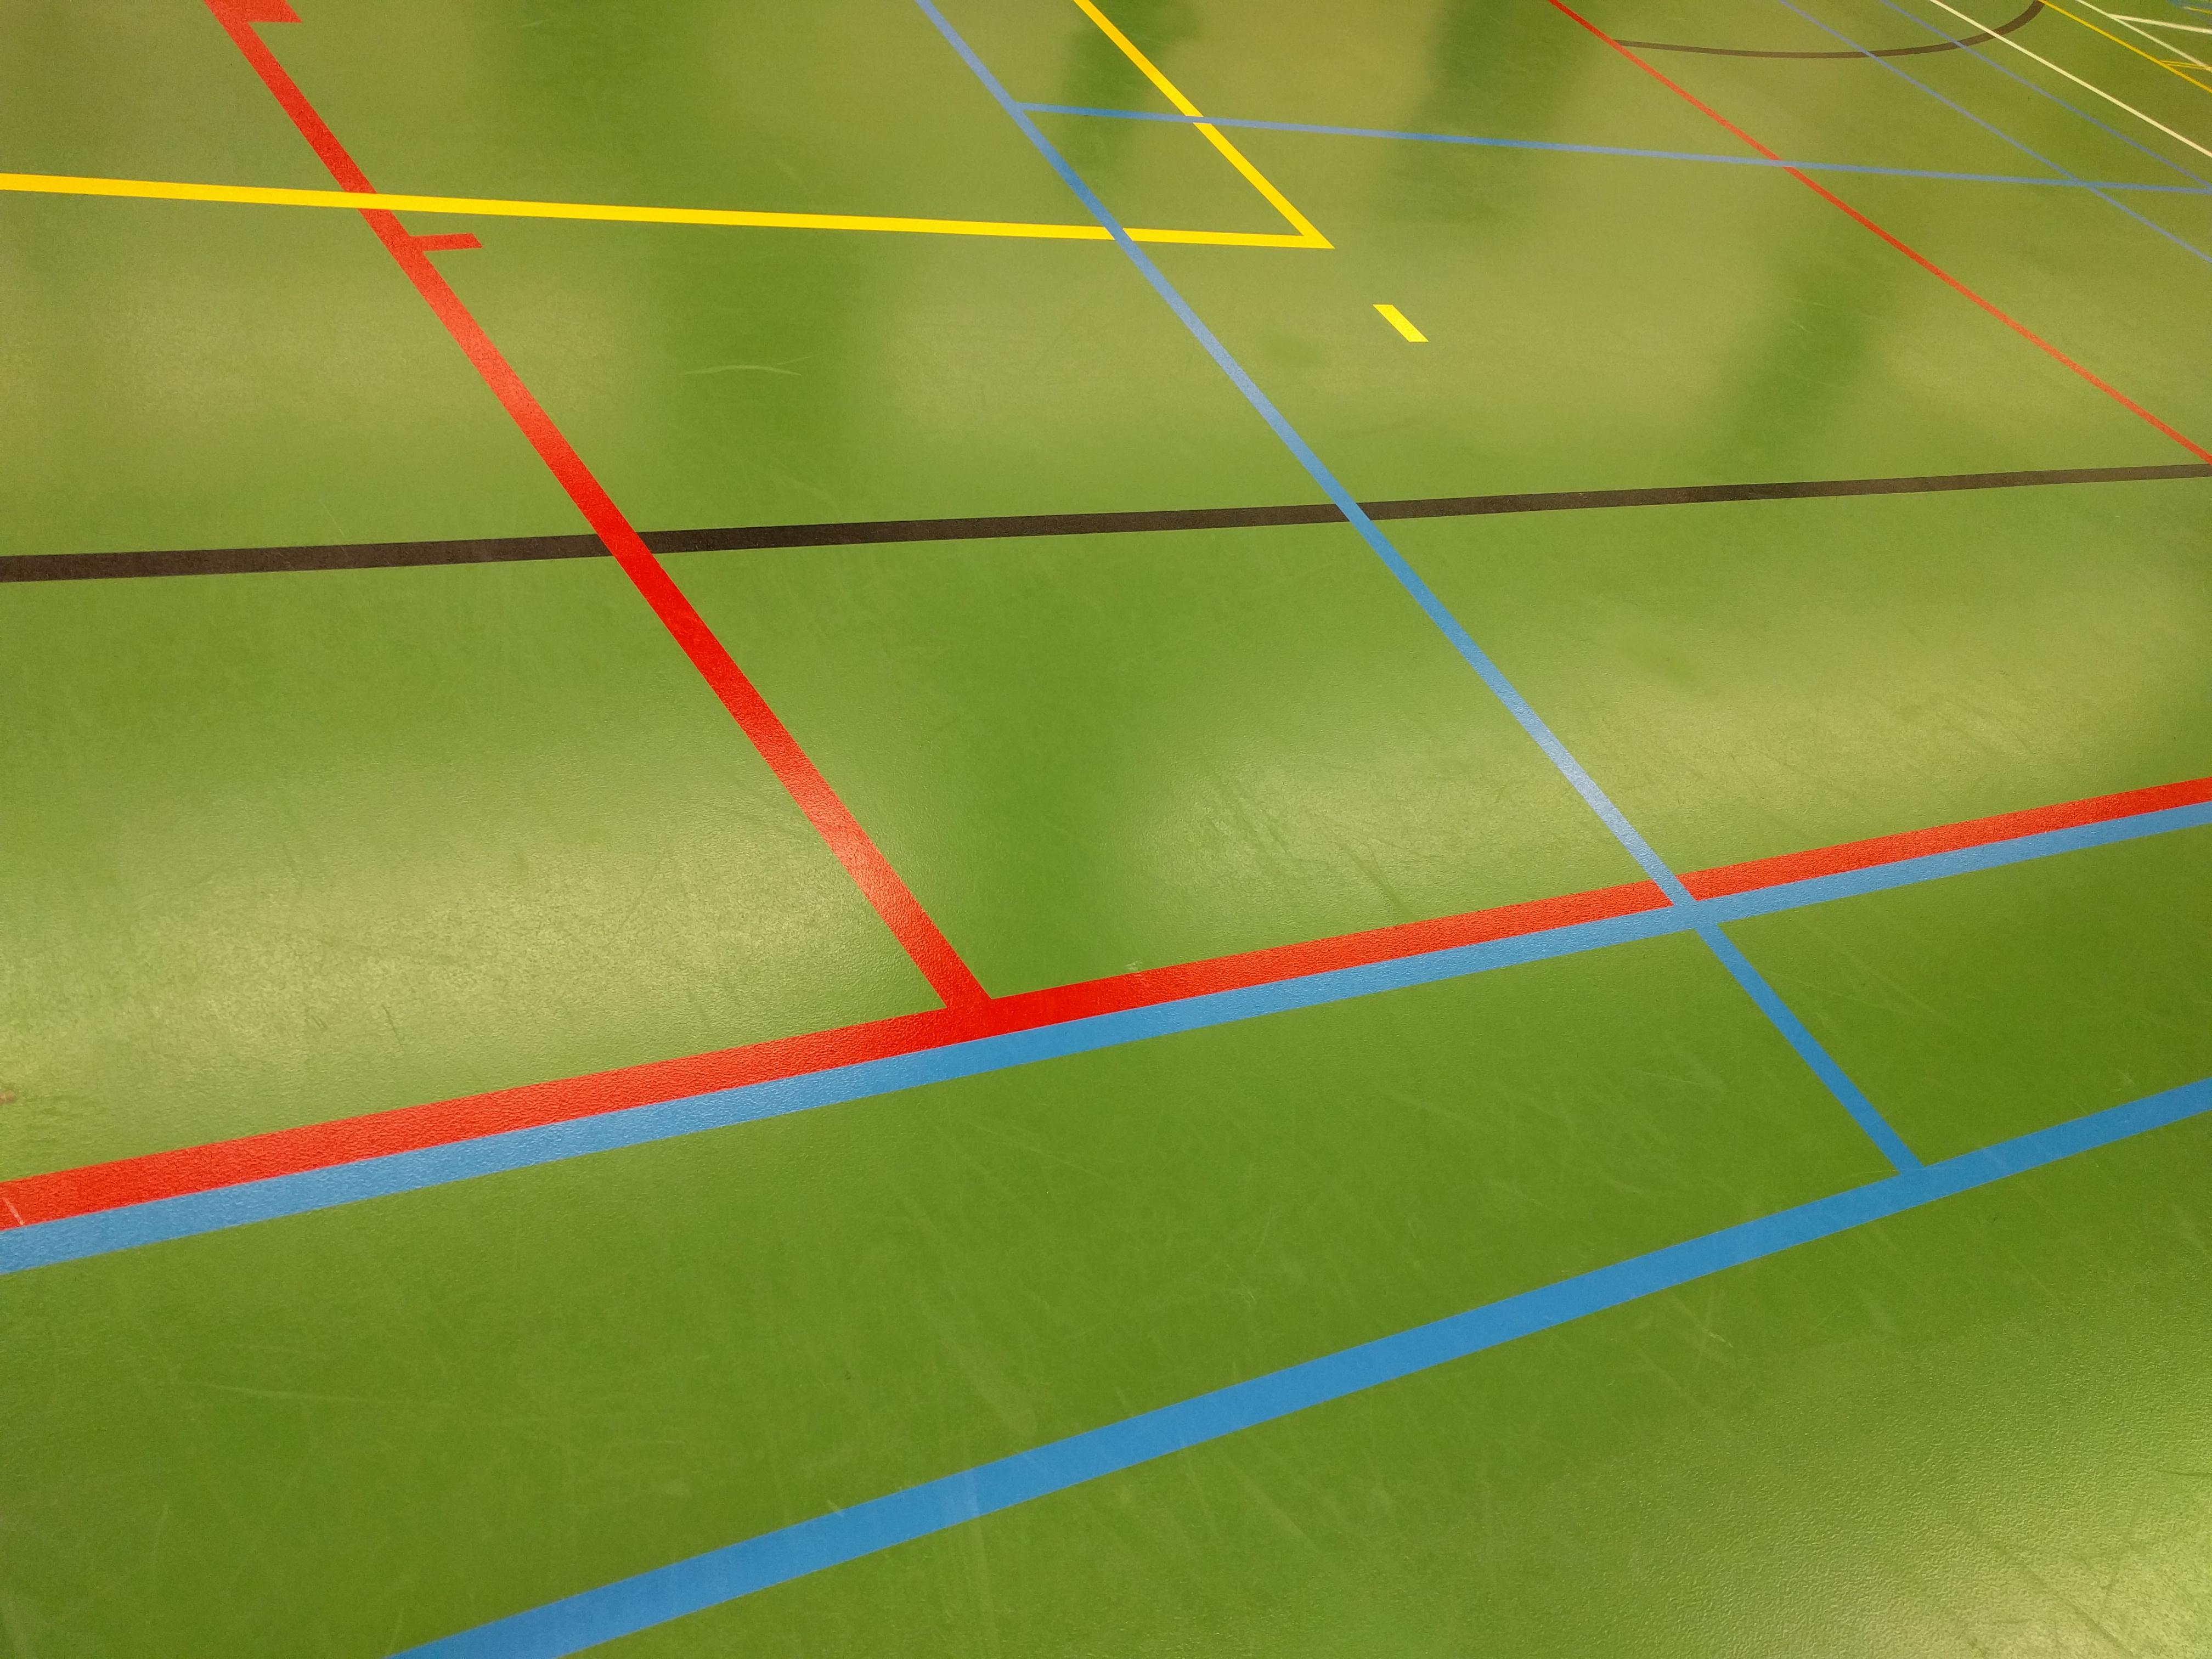 Spelregels badminton | Sportvereniging Maasbree Sport Badminton Spelregels